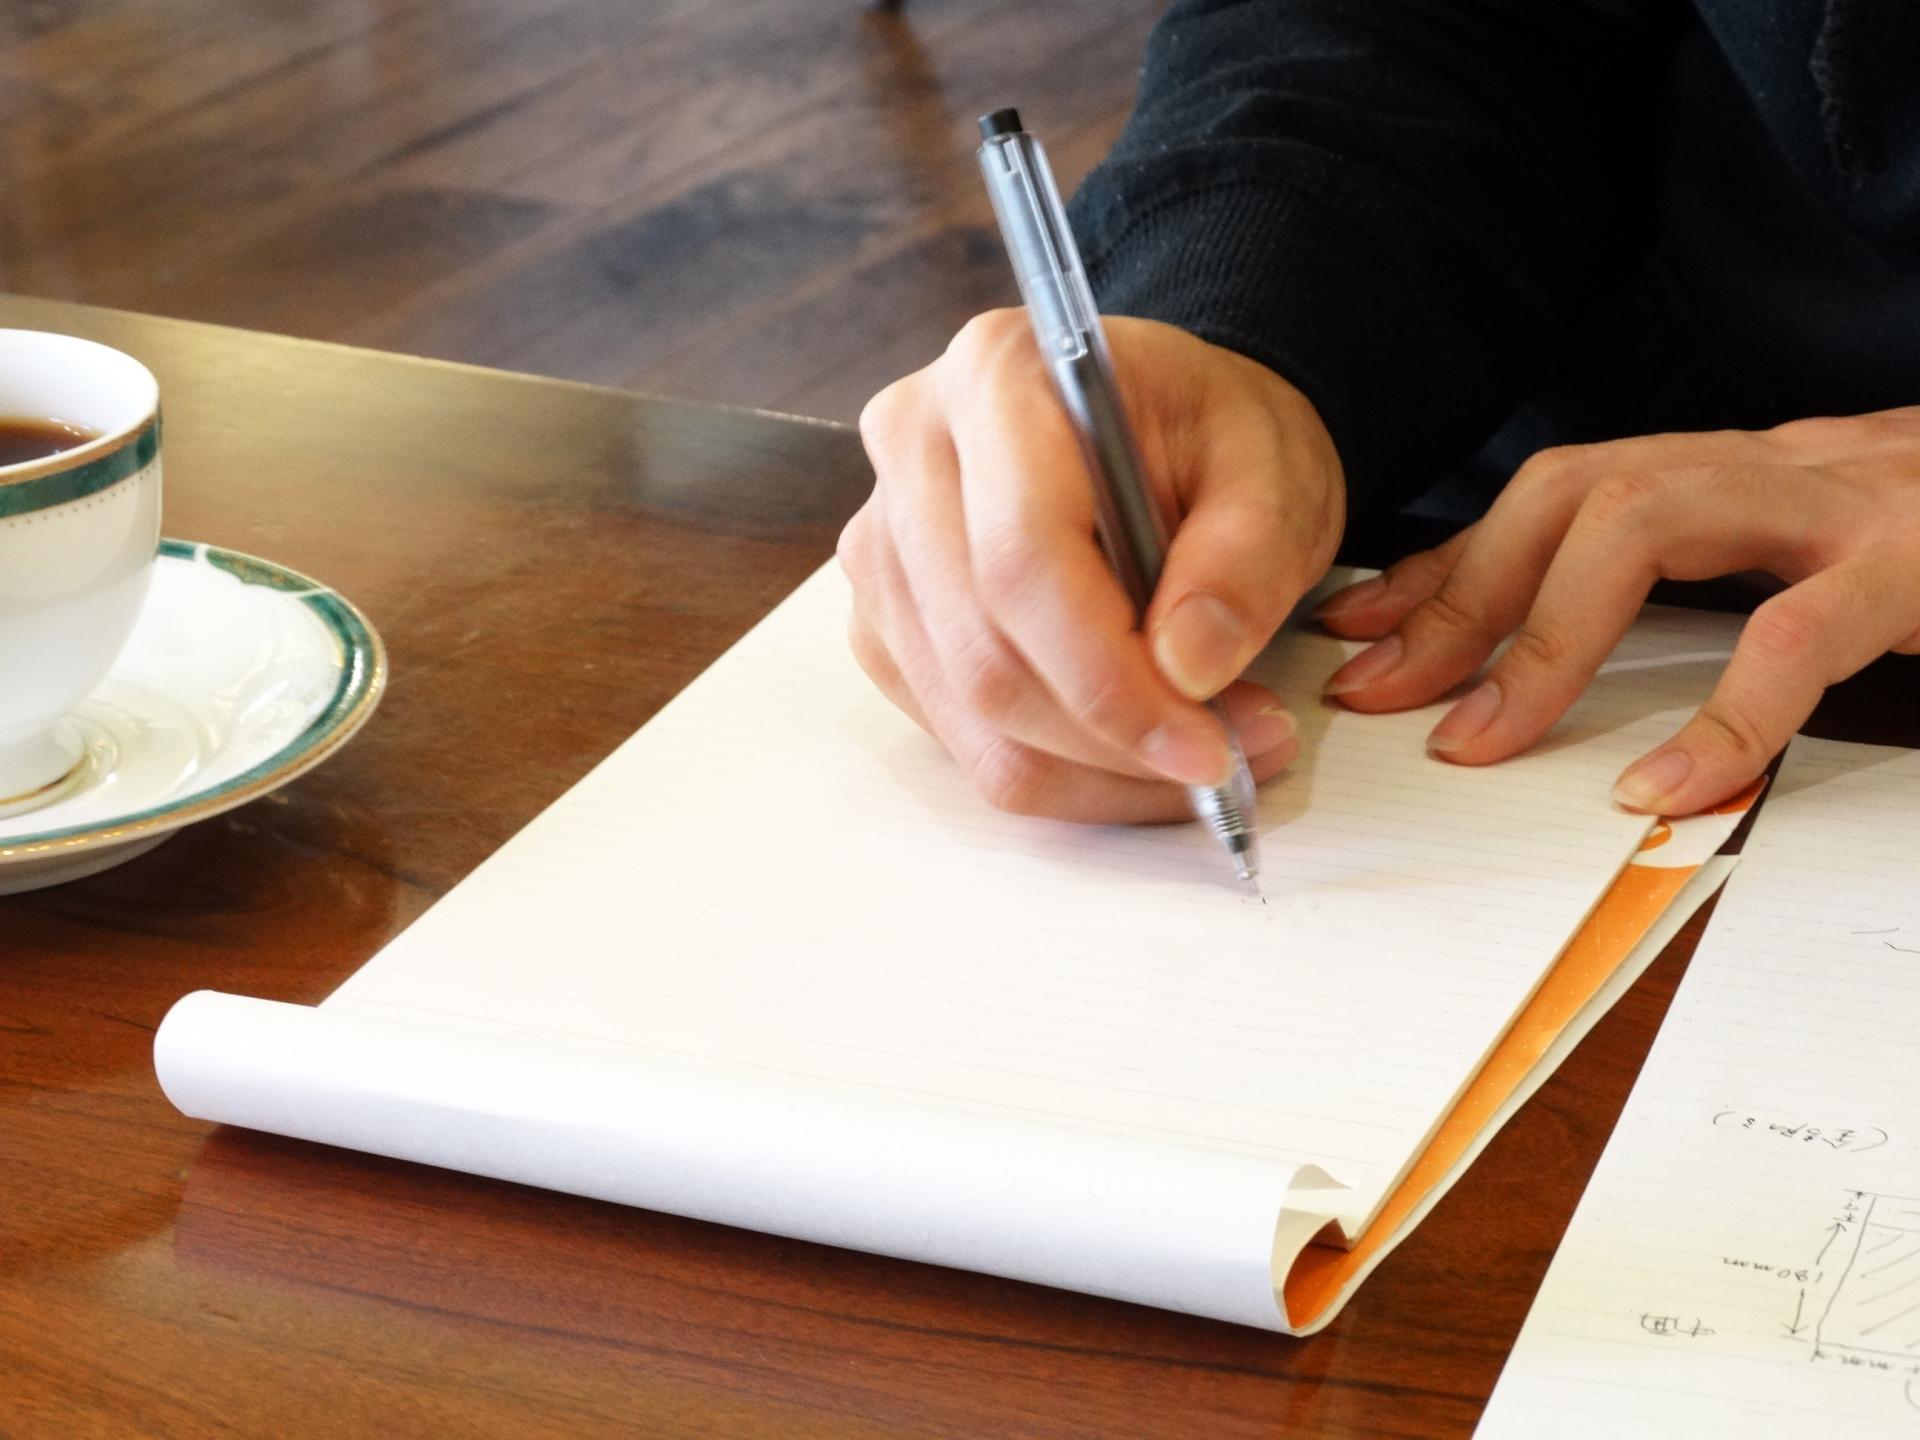 個人事業者が事業を廃止した場合における4つの提出書類の内容&書き方(手引付き)